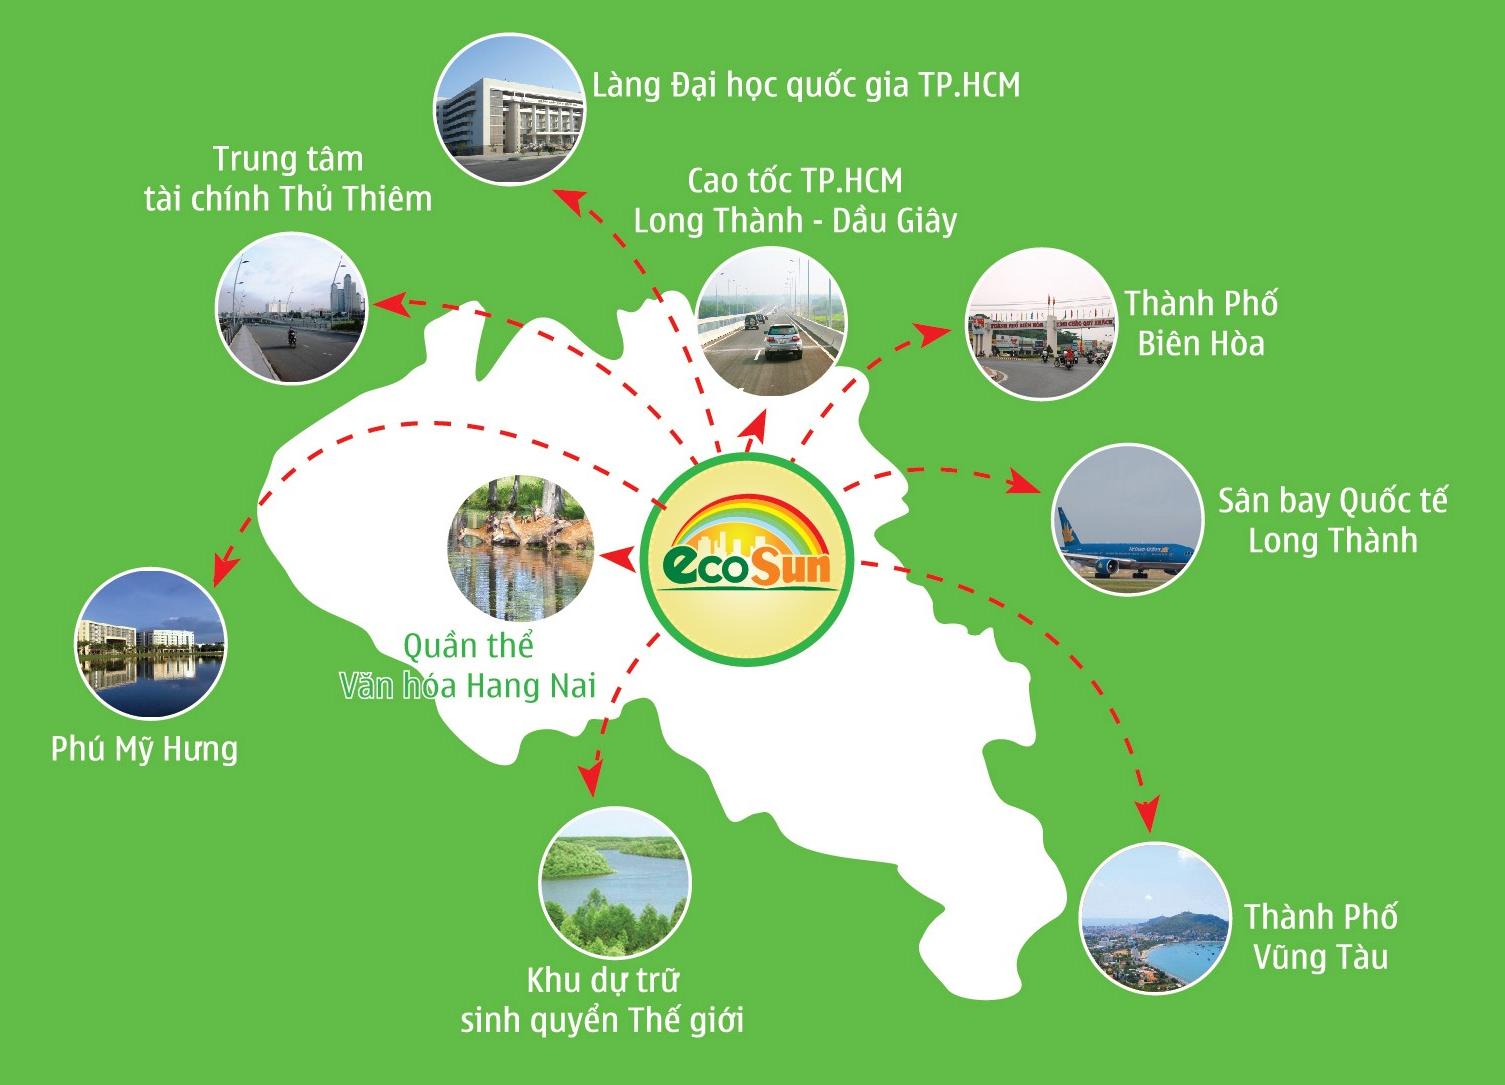 Liên kết vùng dự án Ecosun Nhơn Trạch Đồng Nai